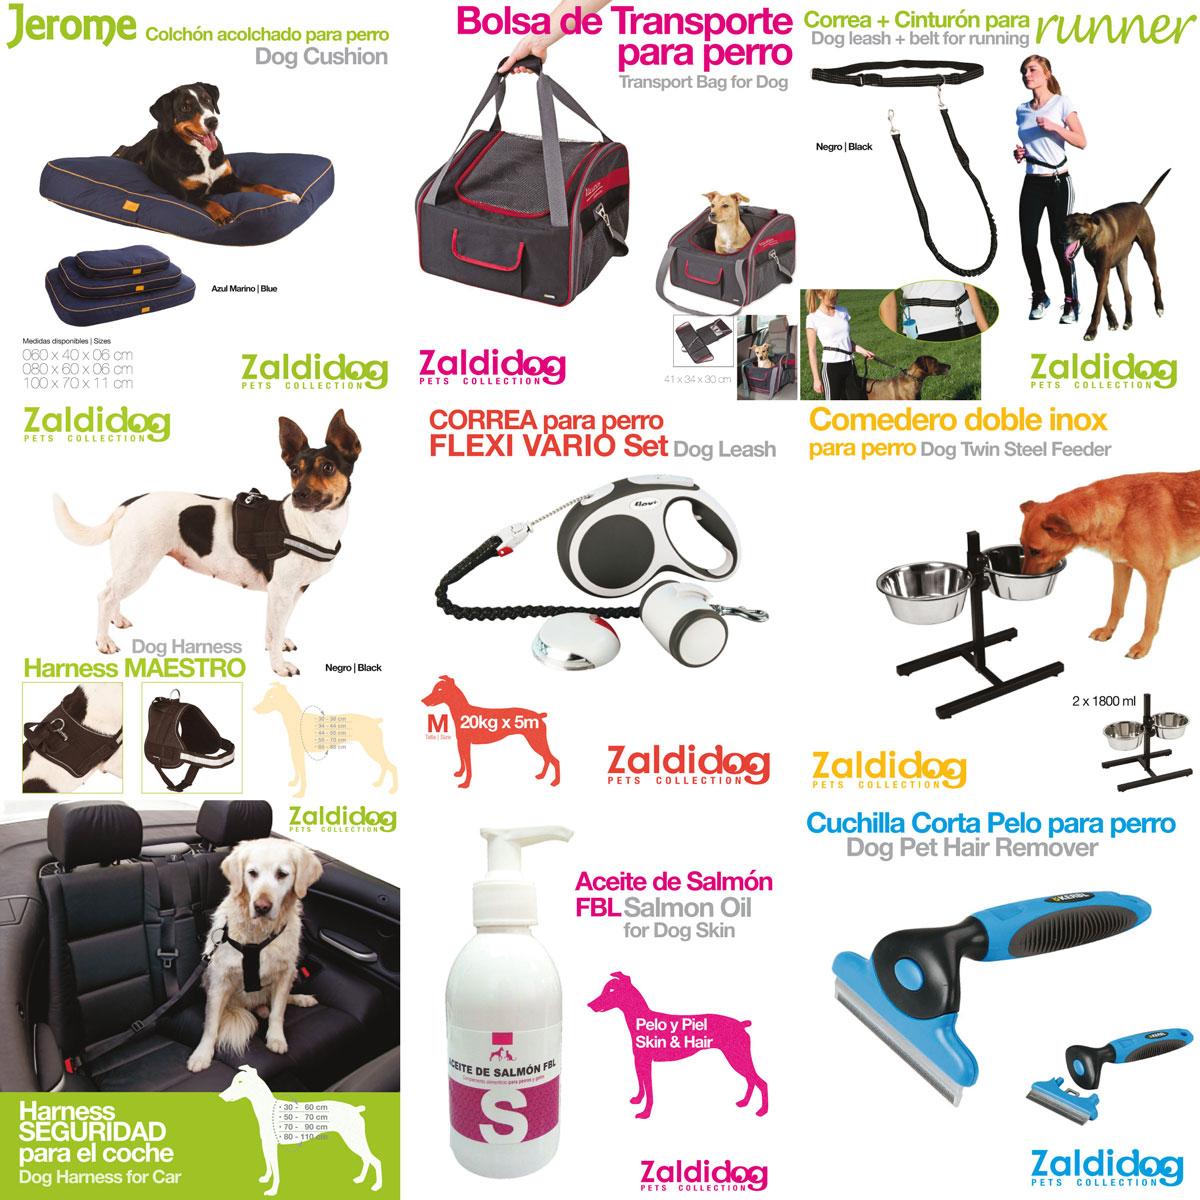 ¿Quién no tiene un perro en su cuadra? 🐕🐩🐕🐩🐕🐩🐕🐩🐕🐩🐕🐩🐕🐩🐕🐩🐕 Echa un vistazo a la colección de productos para perro. 👉 e18 #perro #dog #doglovers #dogstagram #equitación #caballo #equitation #horse #dressage #equestrian #hípica